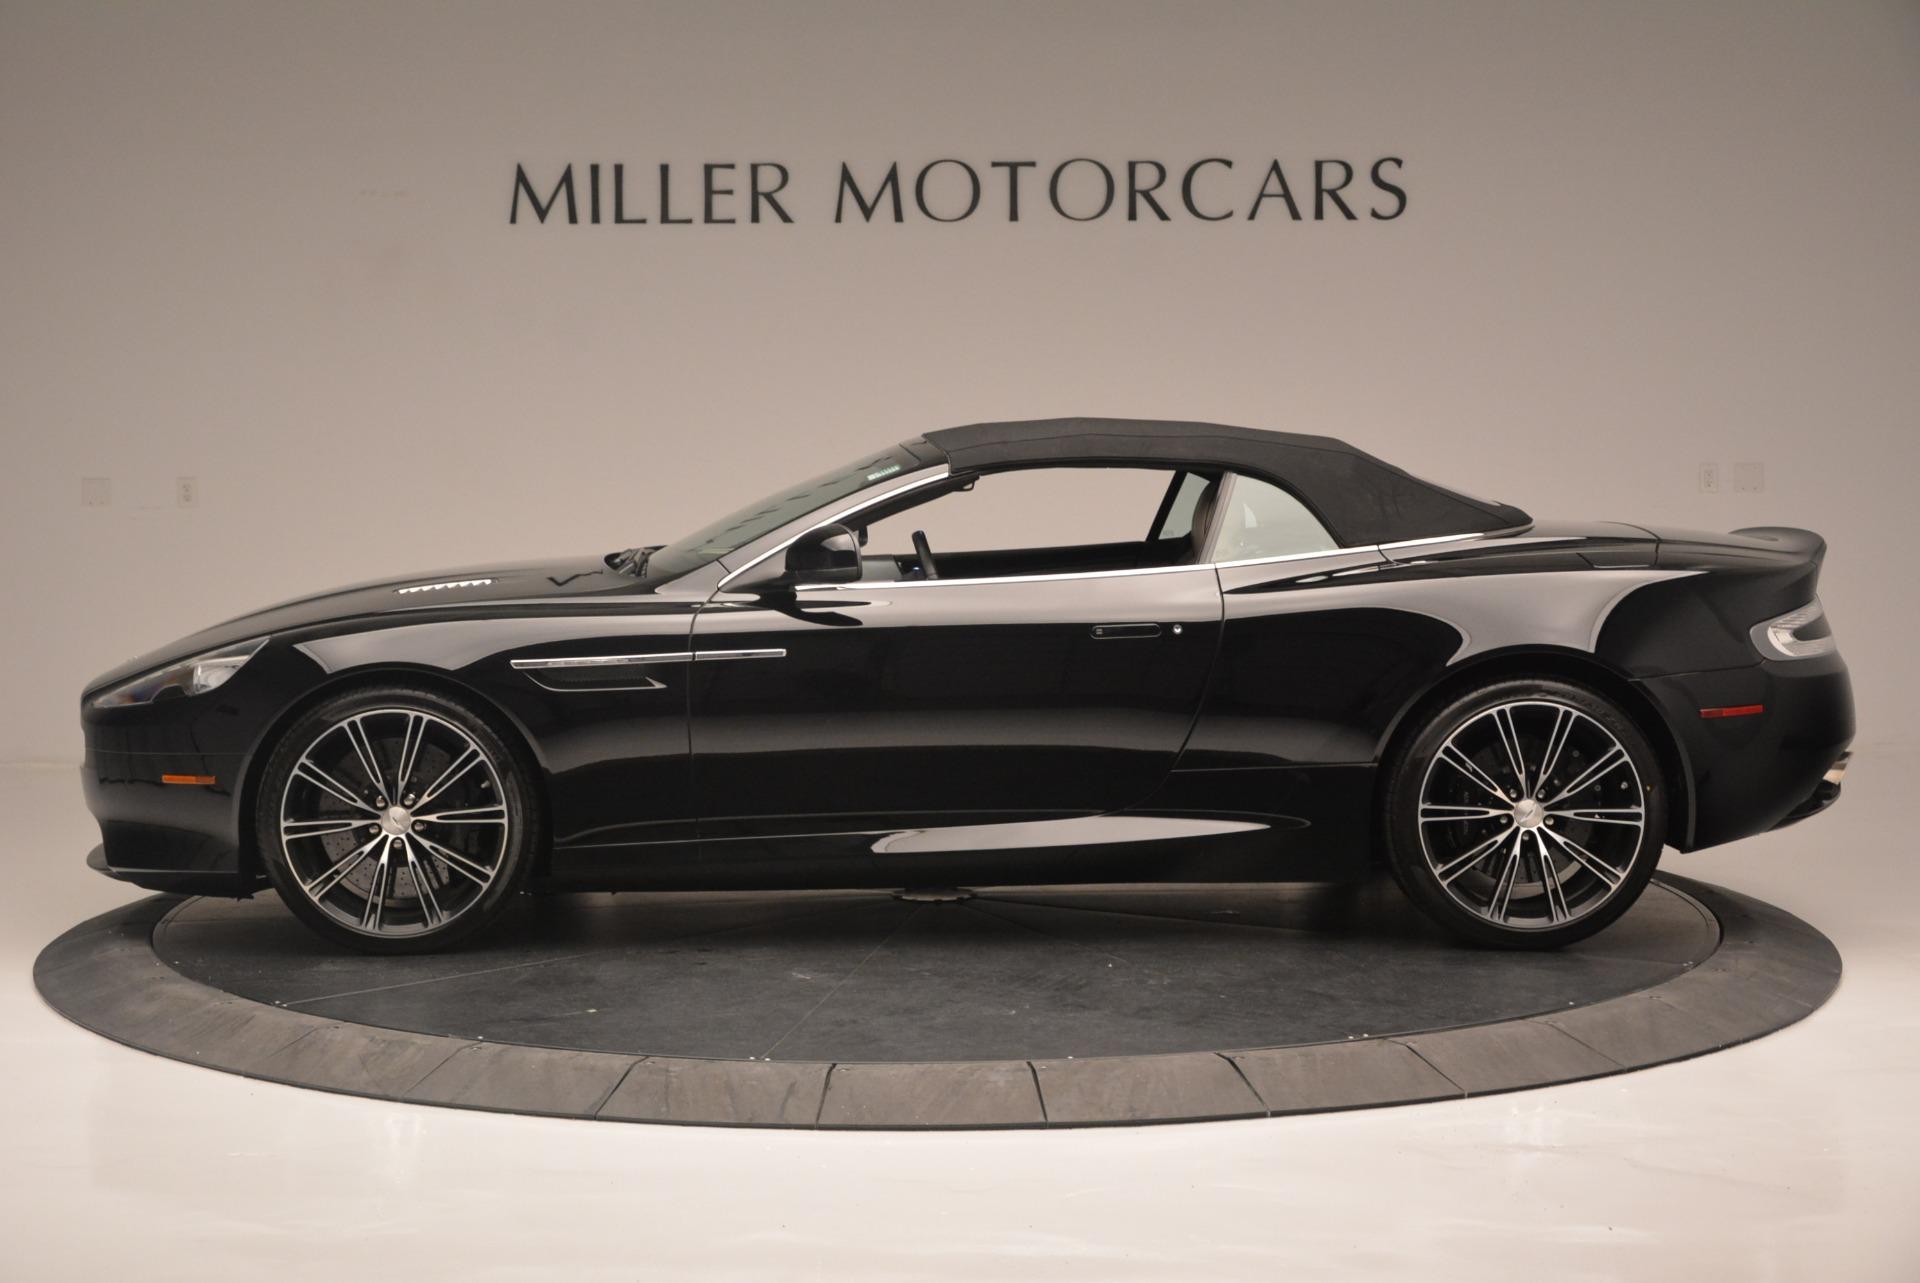 Used 2015 Aston Martin DB9 Volante For Sale In Greenwich, CT 2318_p15